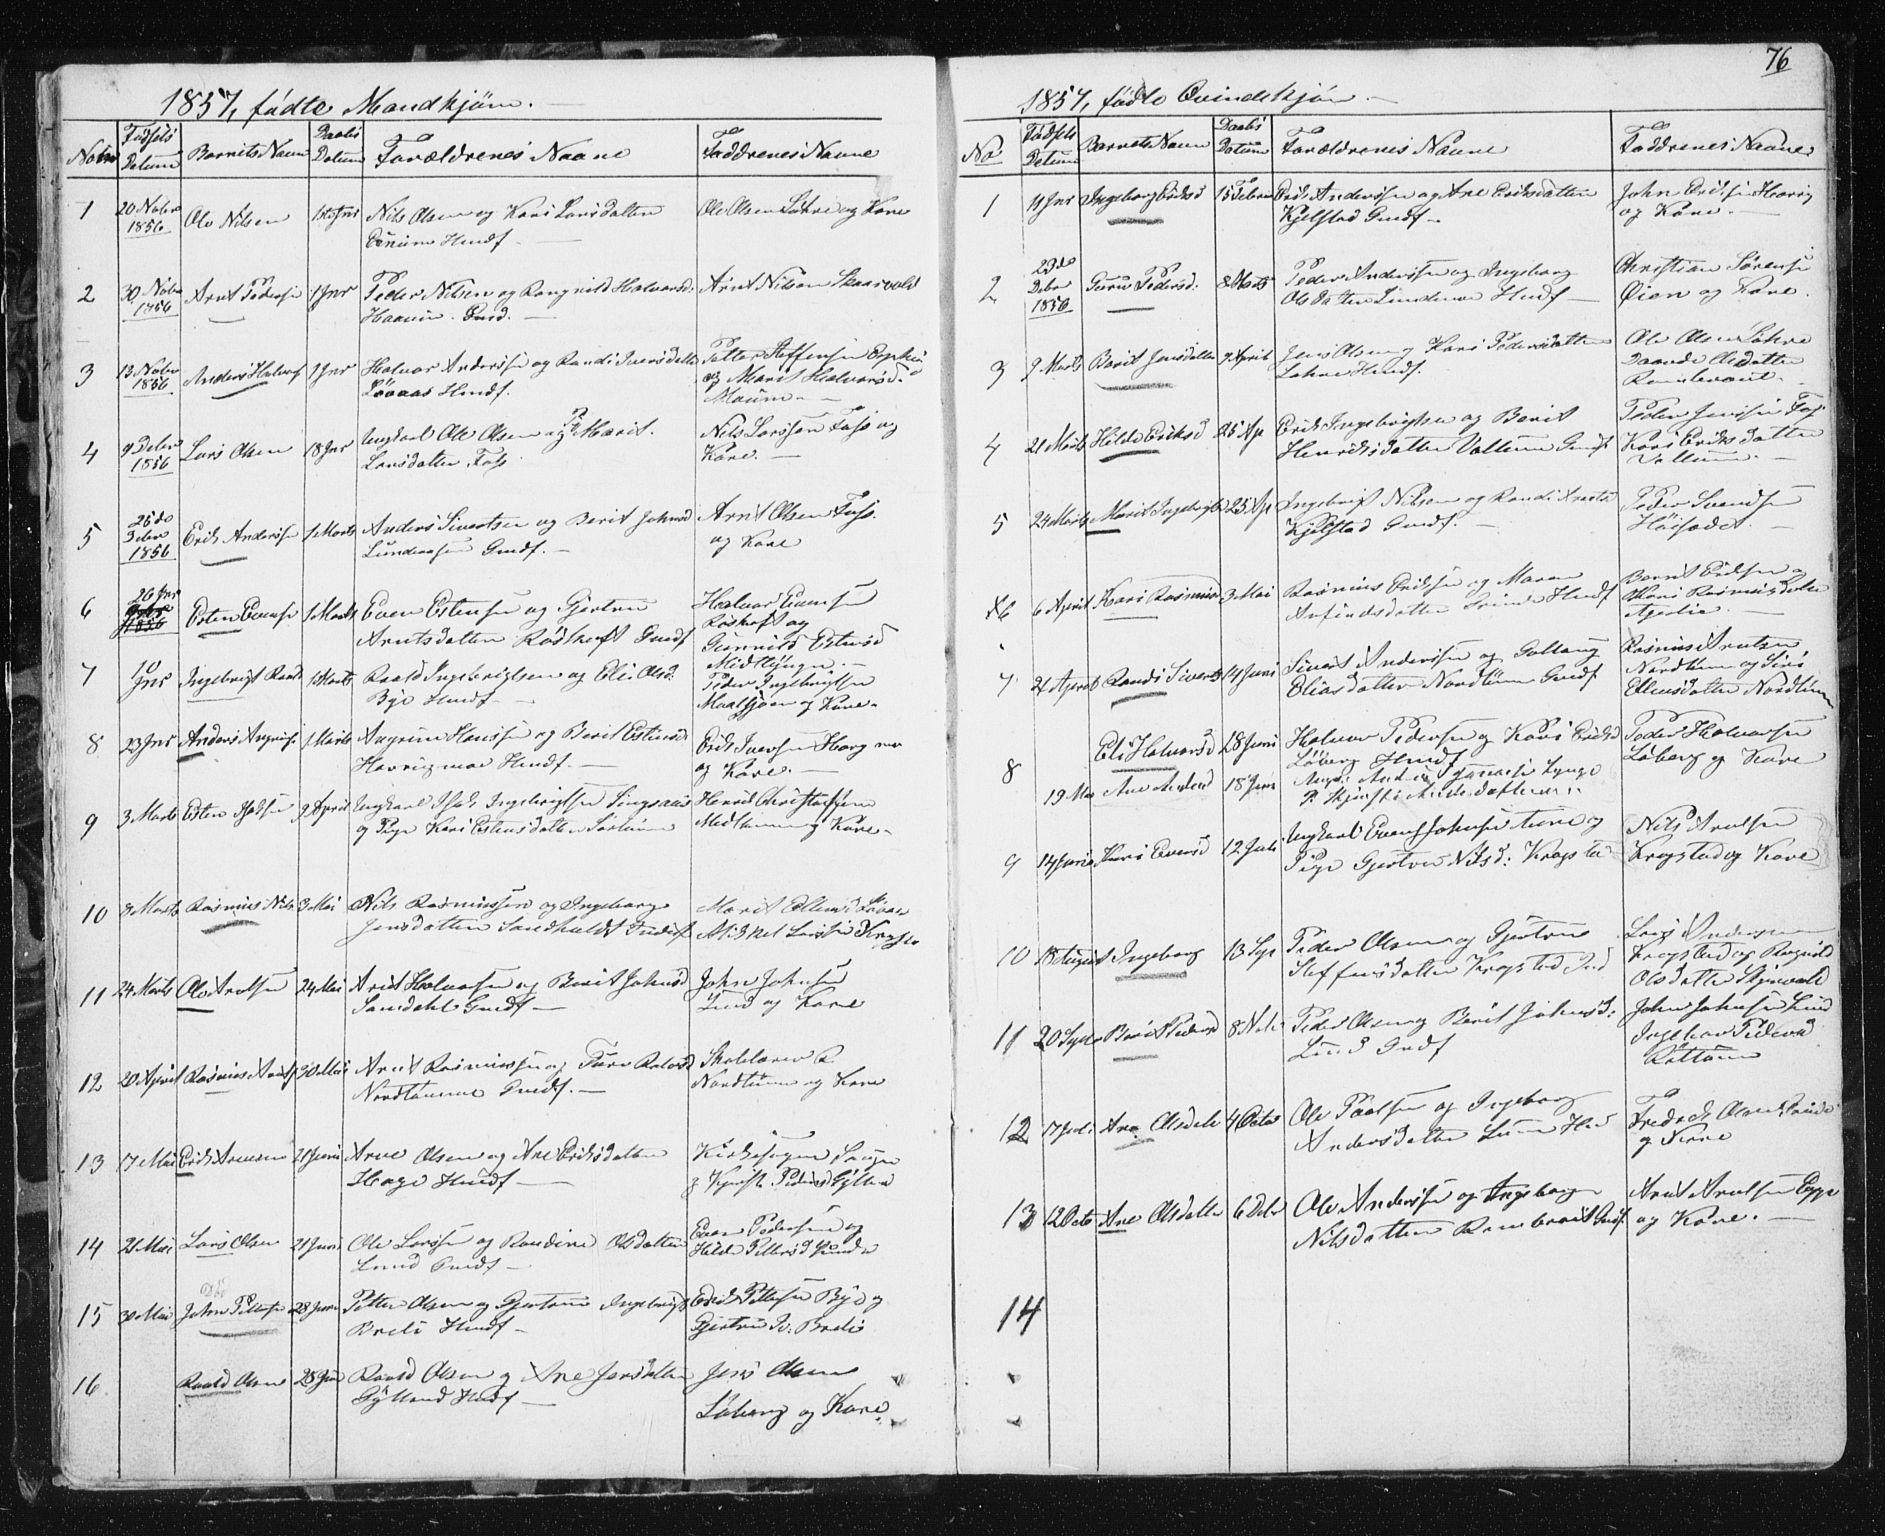 SAT, Ministerialprotokoller, klokkerbøker og fødselsregistre - Sør-Trøndelag, 692/L1110: Klokkerbok nr. 692C05, 1849-1889, s. 76